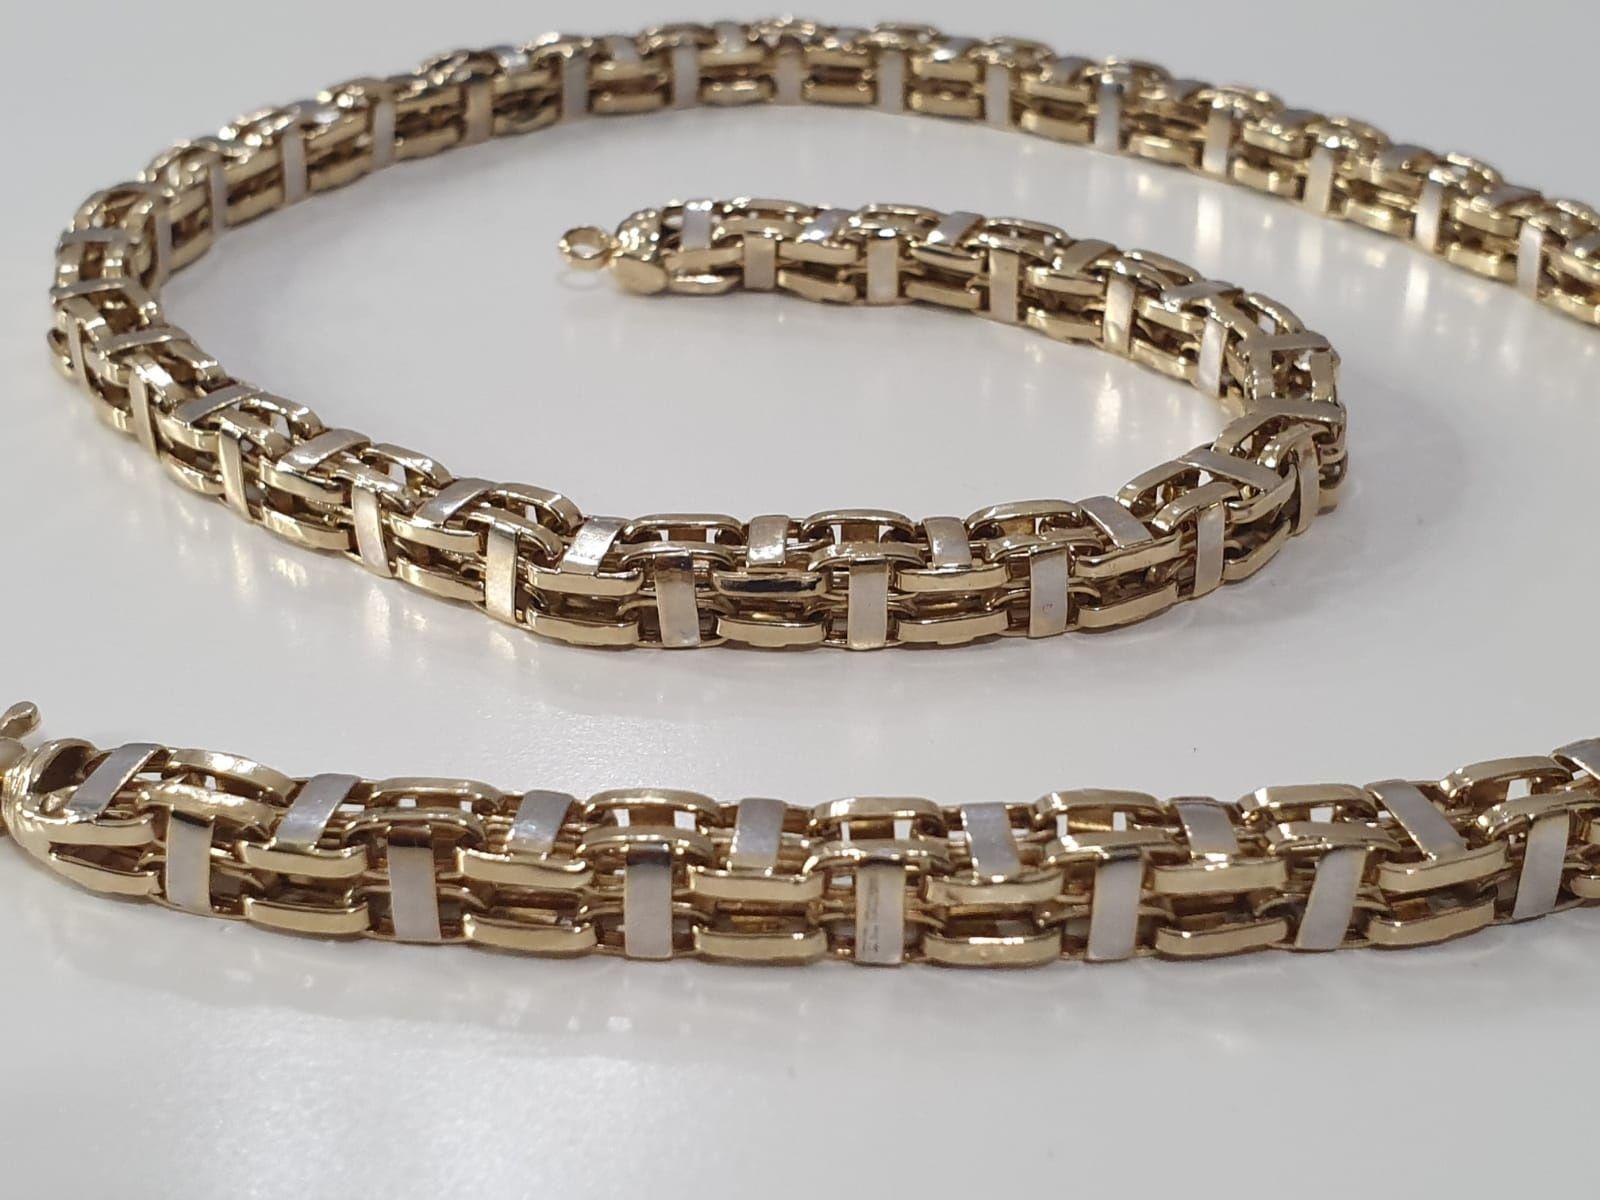 Sprzedam złoty łańcuch gruby męski próba 585 waga 35,65 g